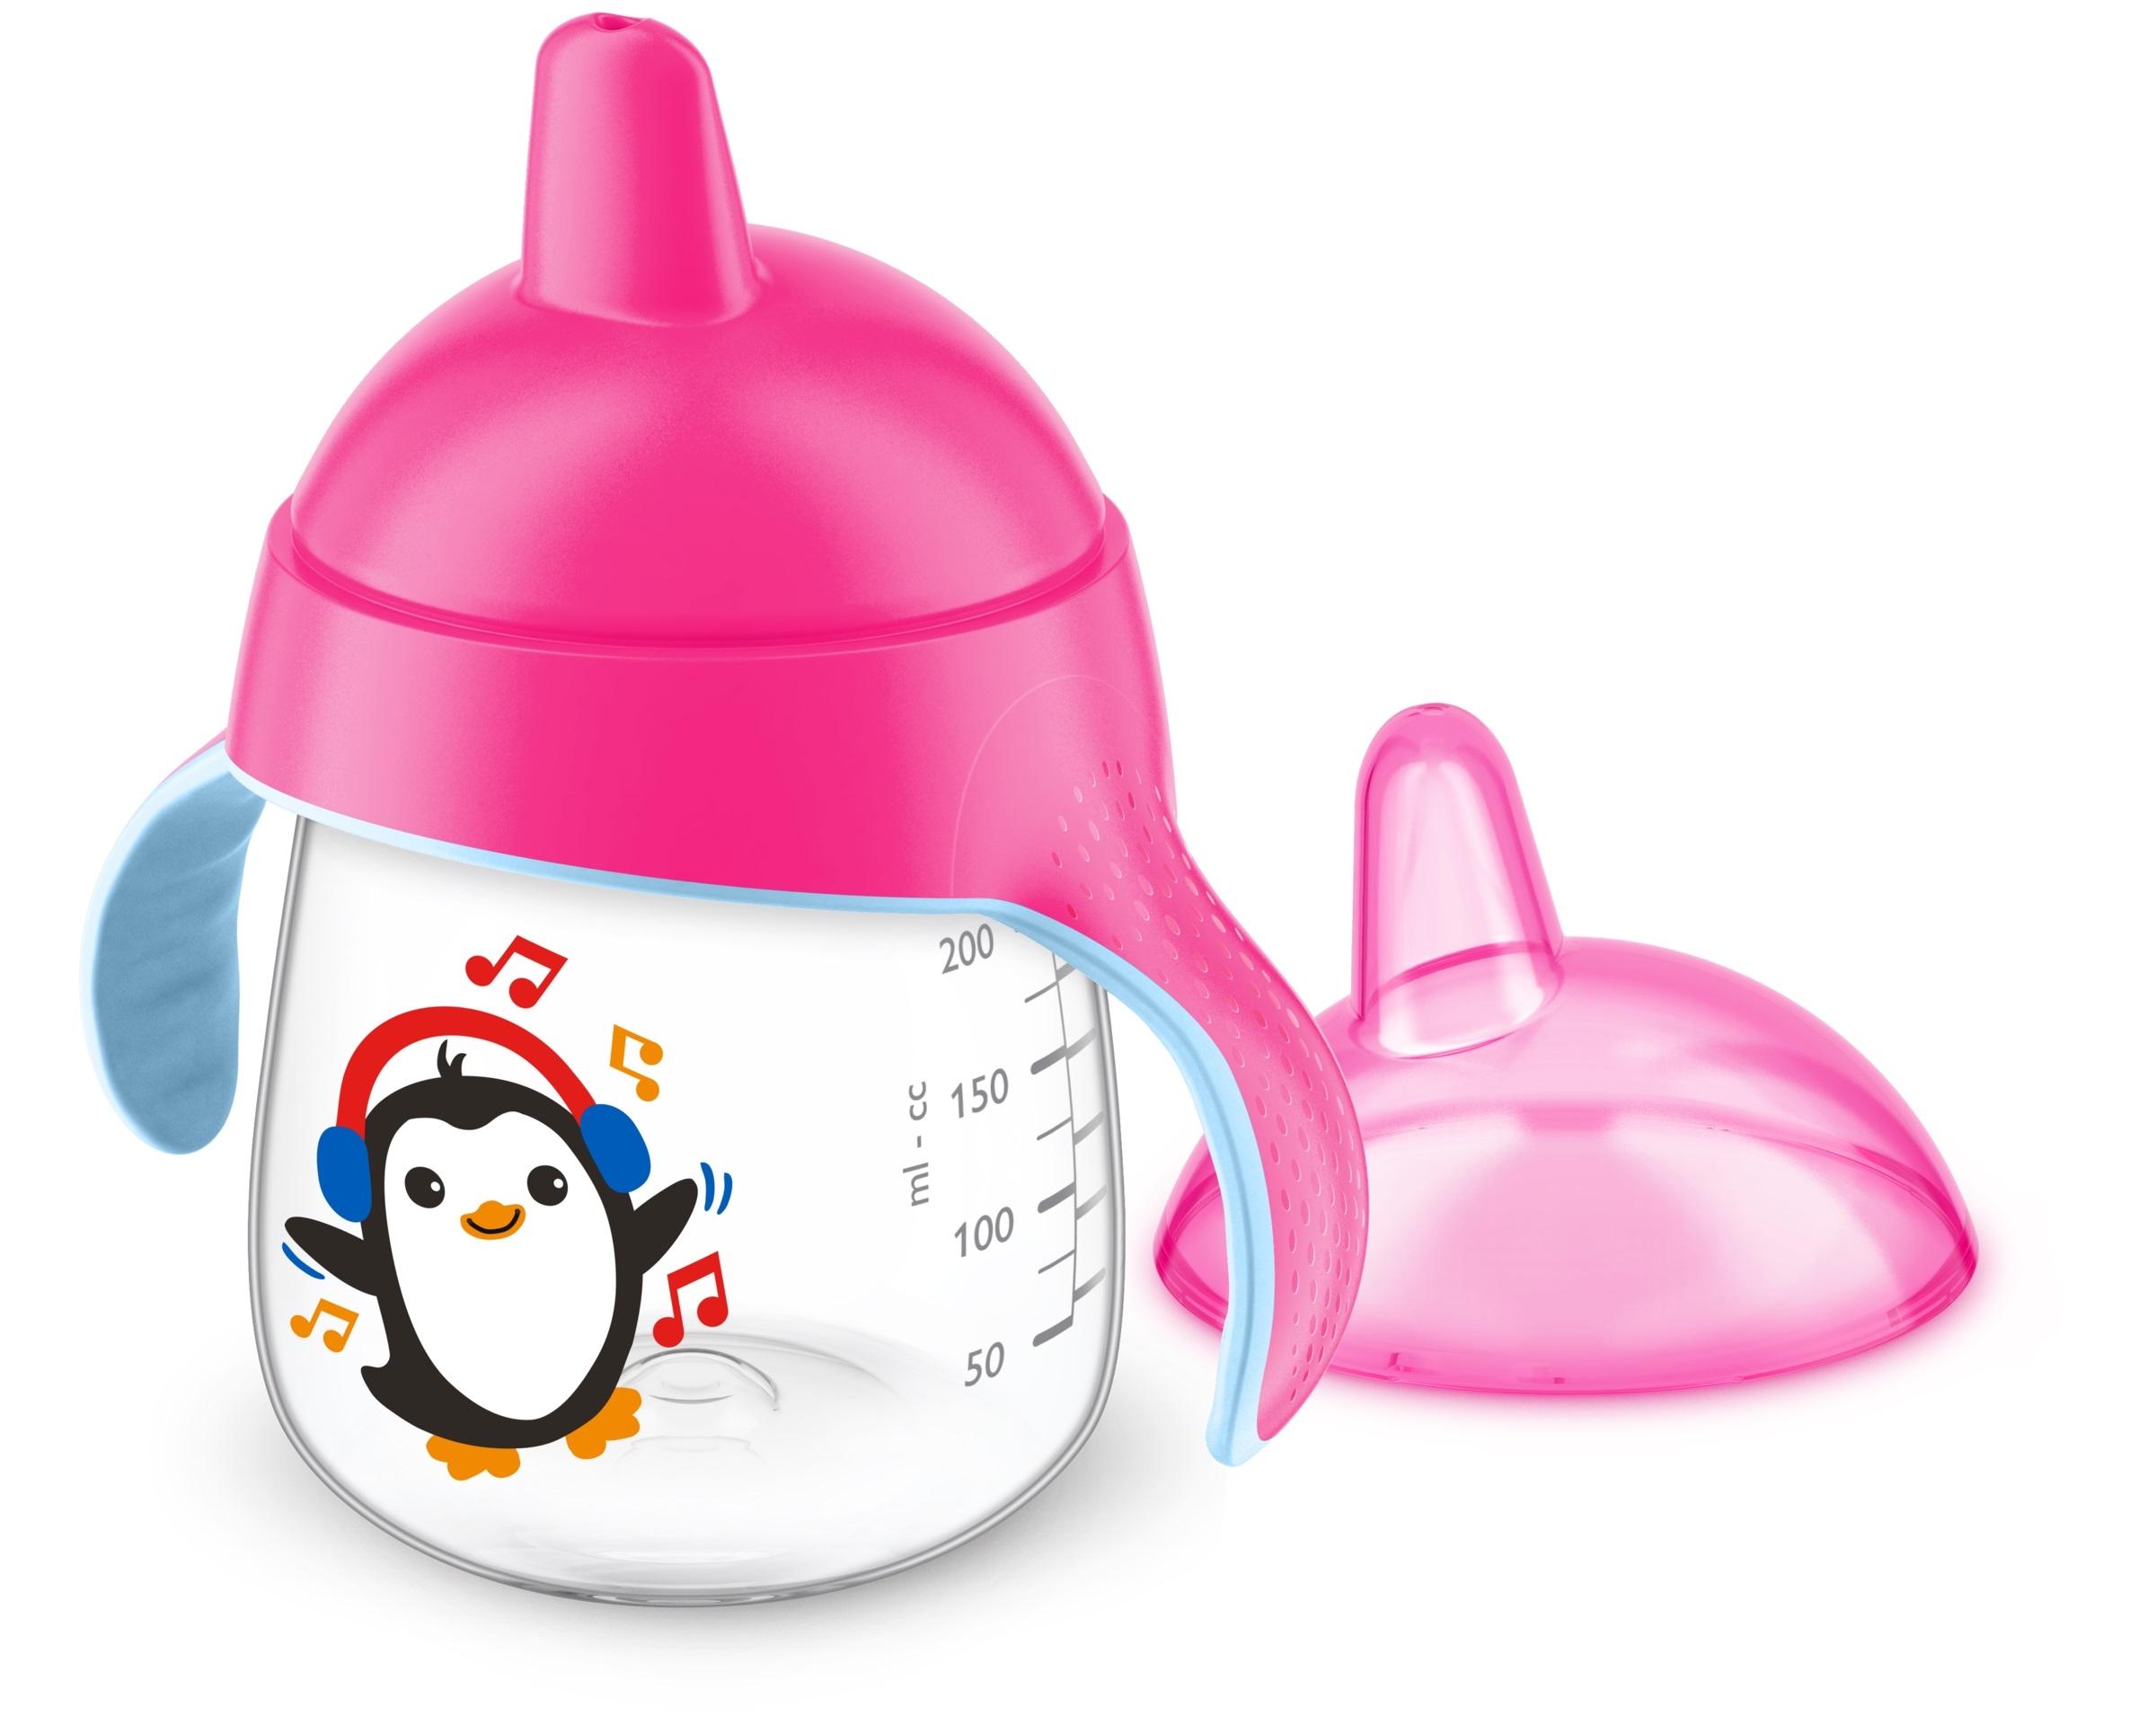 Чашки и поильники Philips AVENT Чашка-непроливайка Philips Avent с12 мес. 260 мл розовая philips avent соска philips avent natural 2 шт поток средний c 3 мес